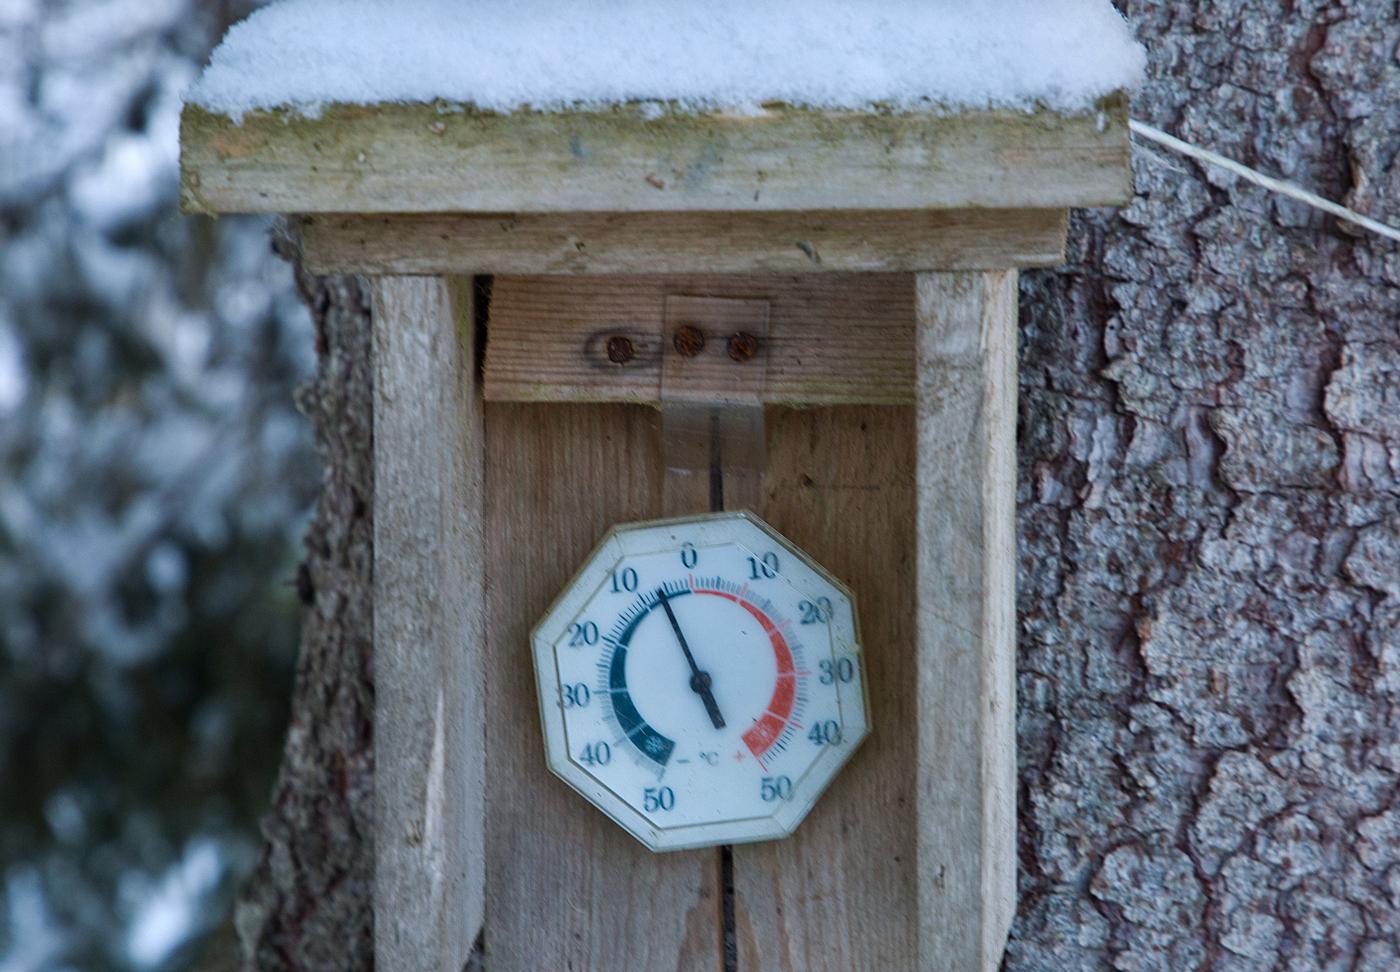 200314d-termometer.jpg